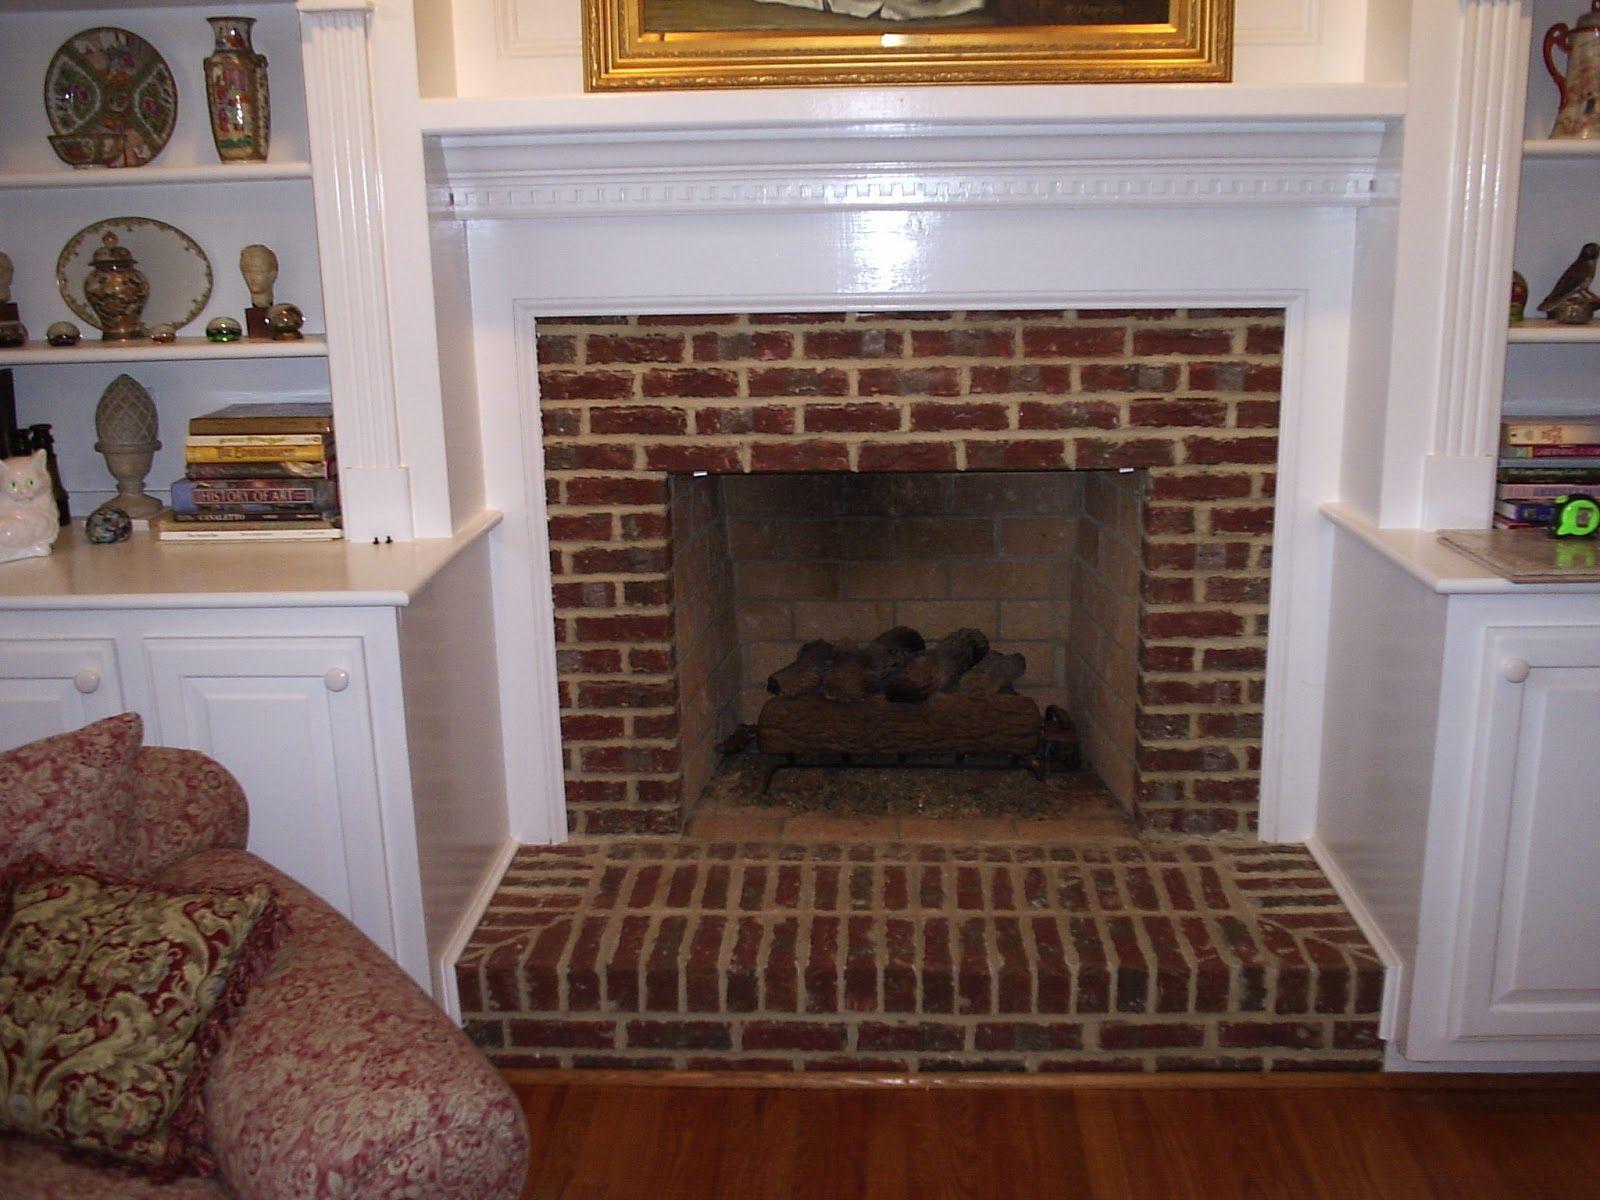 brick fireplace encased in shelving - Moderner Kamin Umgibt Kaminsimse